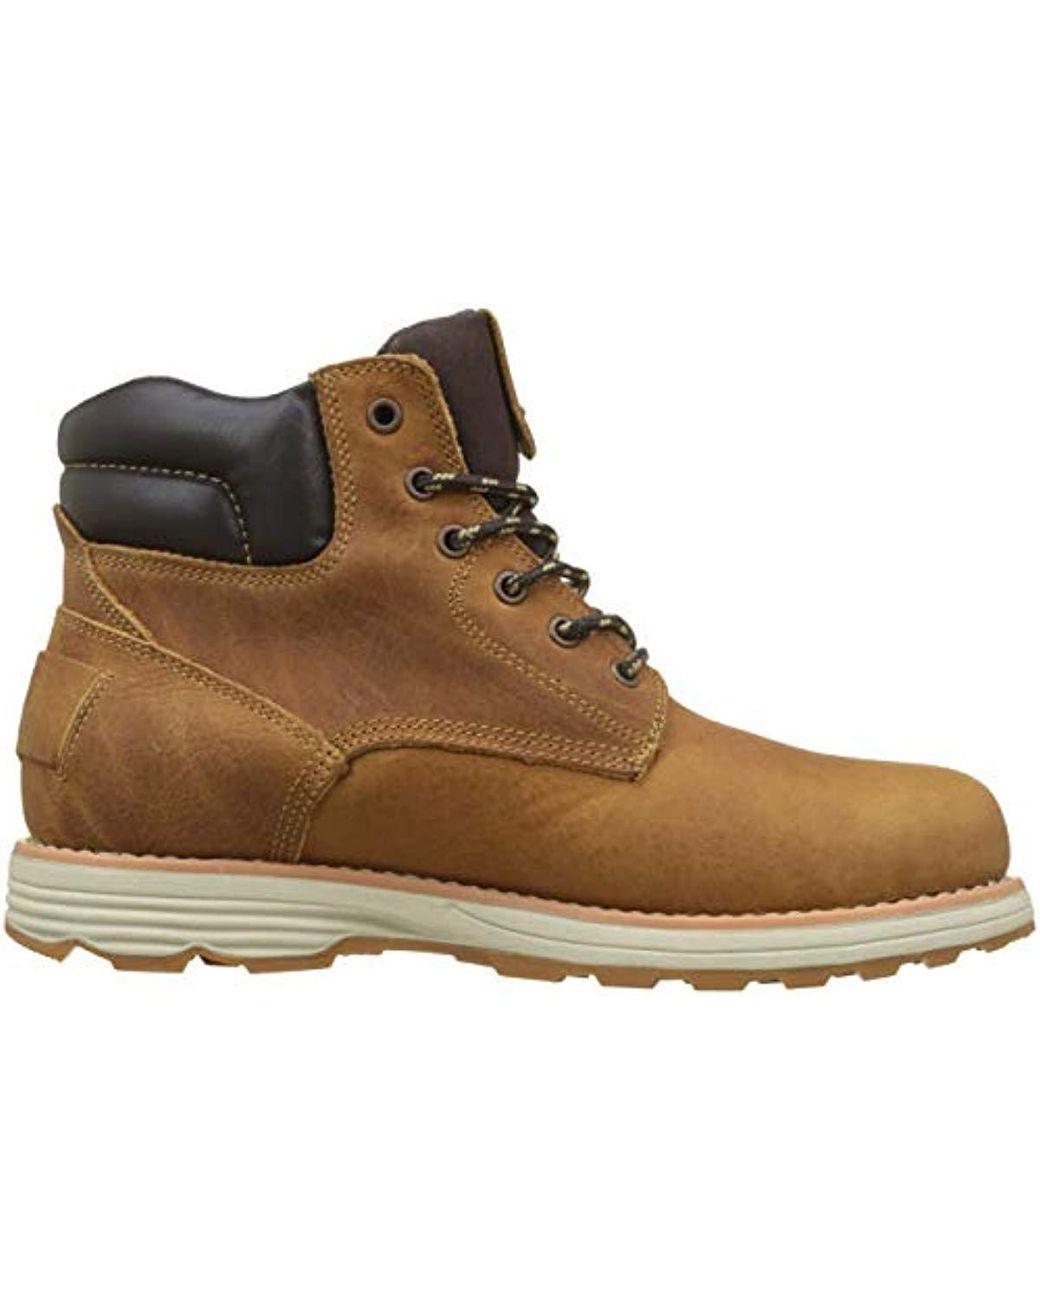 619431e2 Levi's Arrowhead Desert Boots in Brown for Men - Lyst